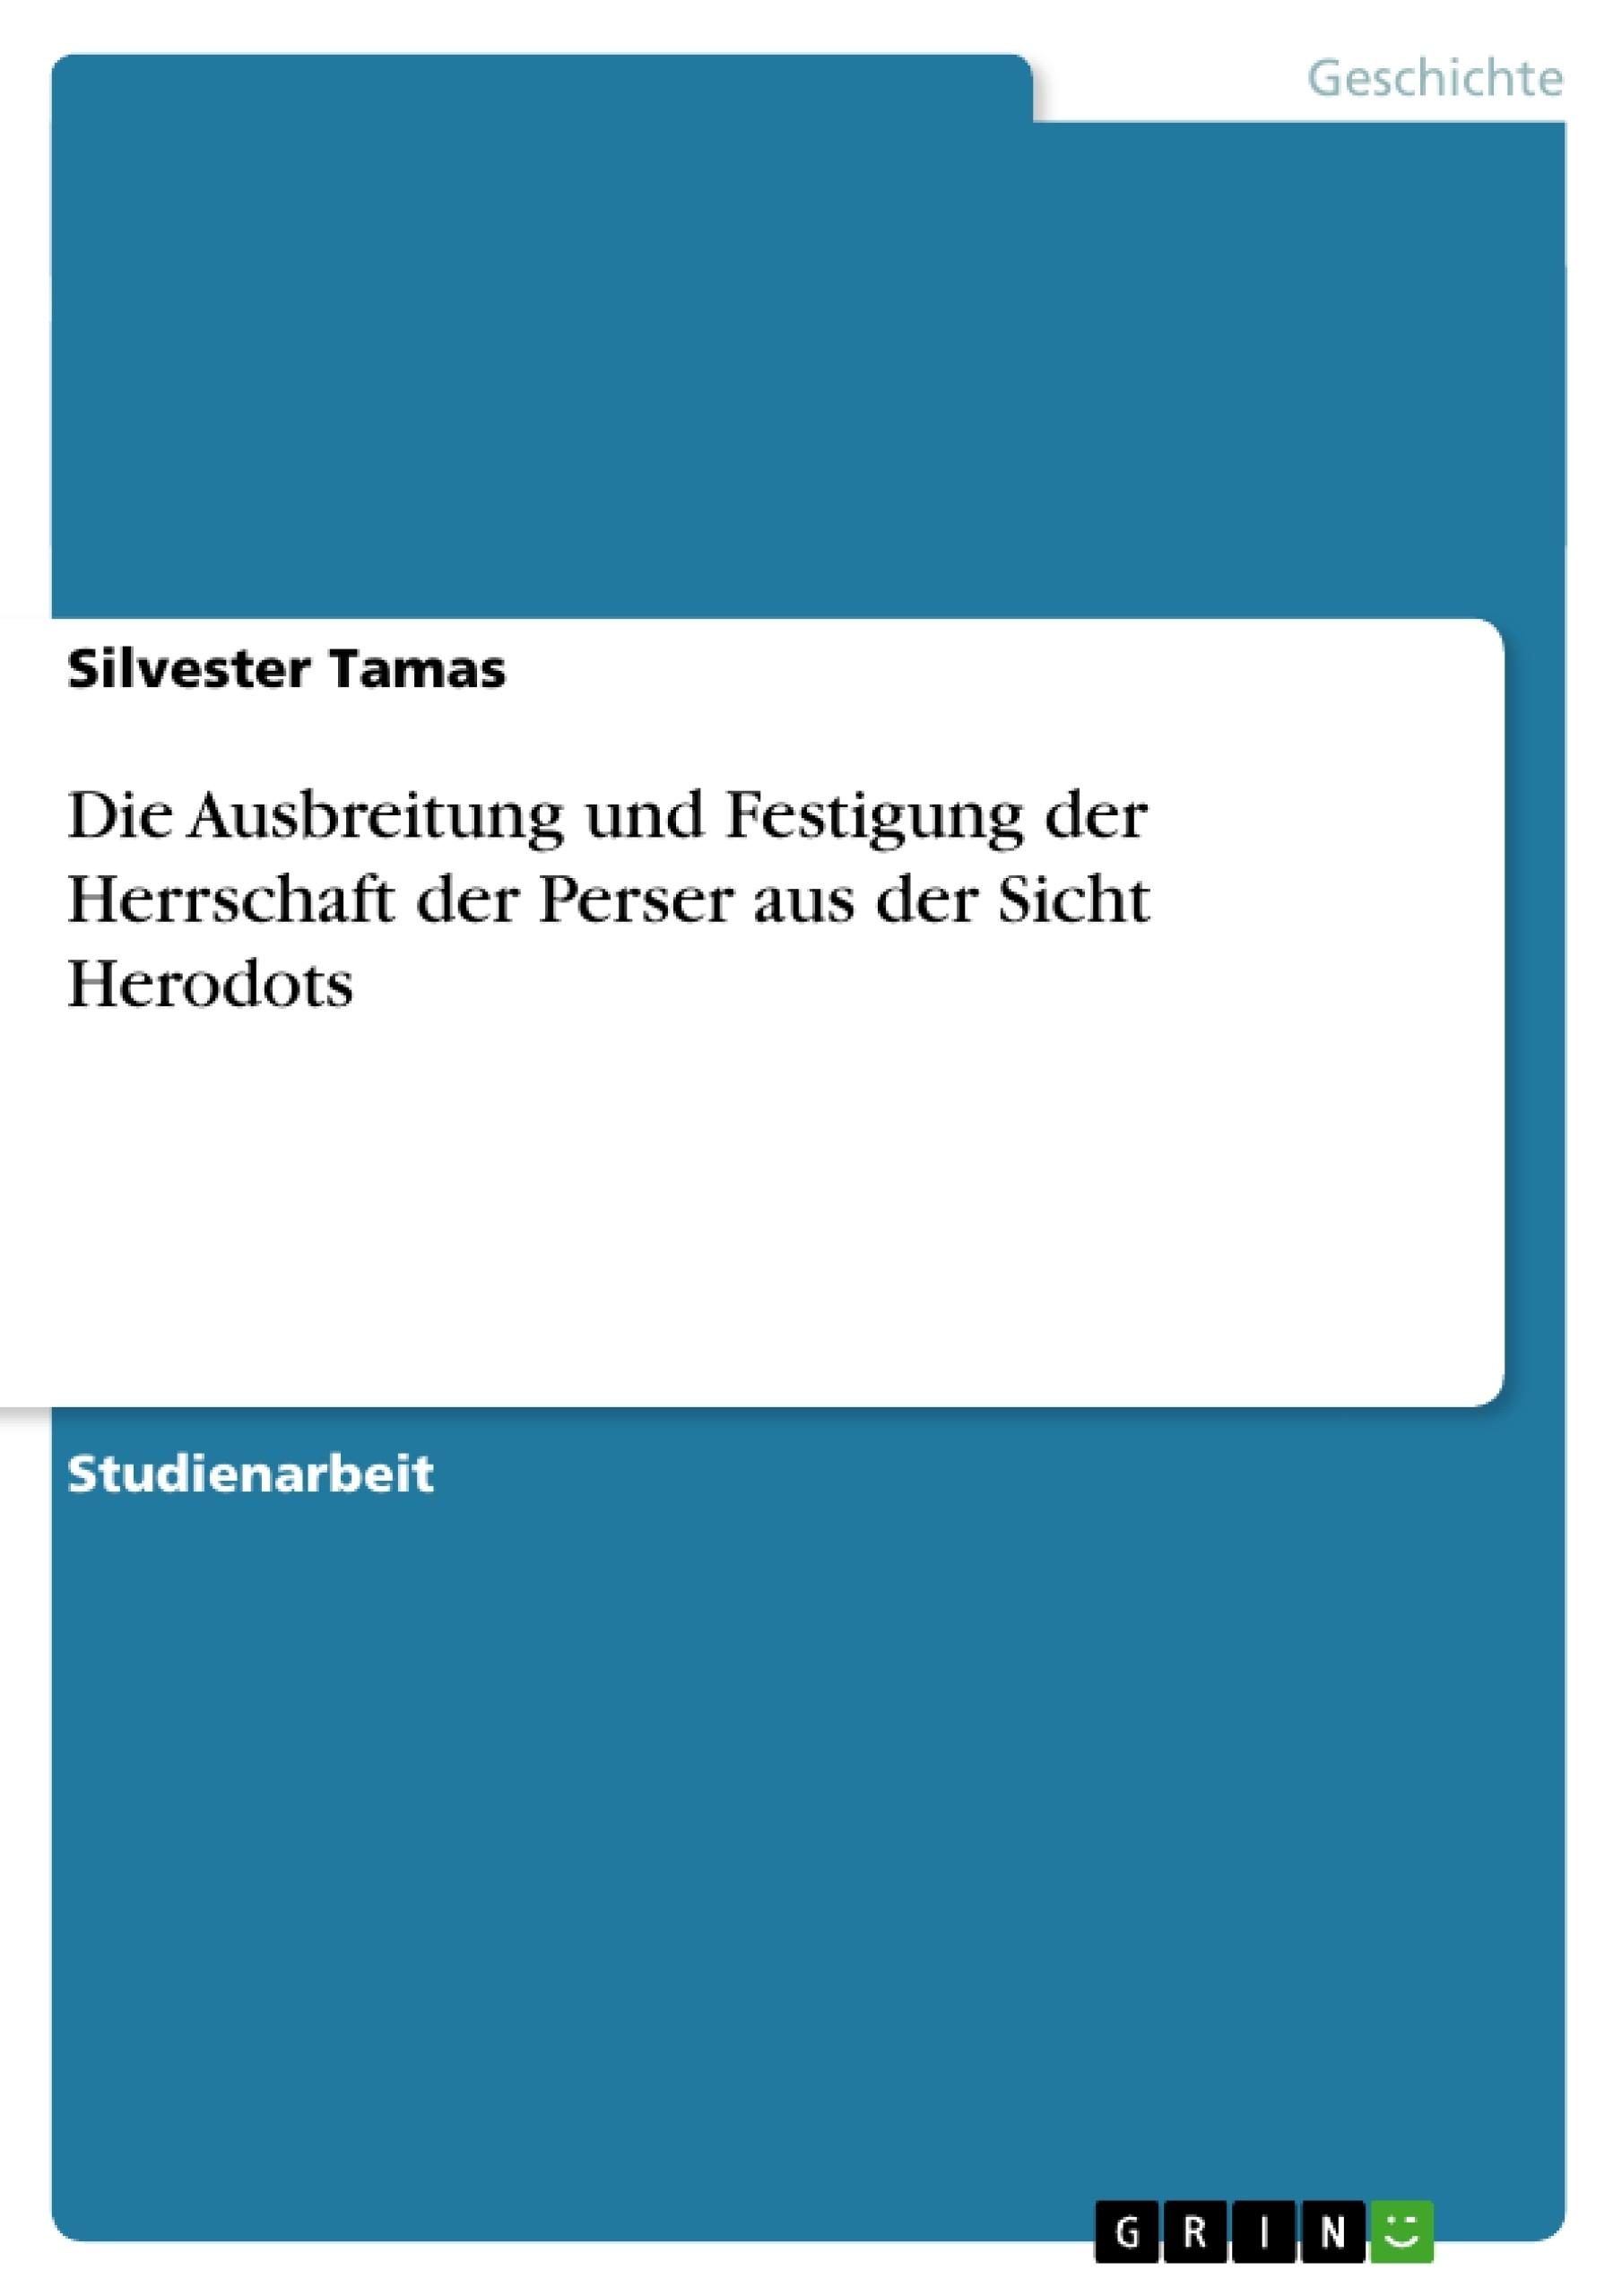 Titel: Die Ausbreitung und Festigung der Herrschaft der Perser aus der Sicht Herodots